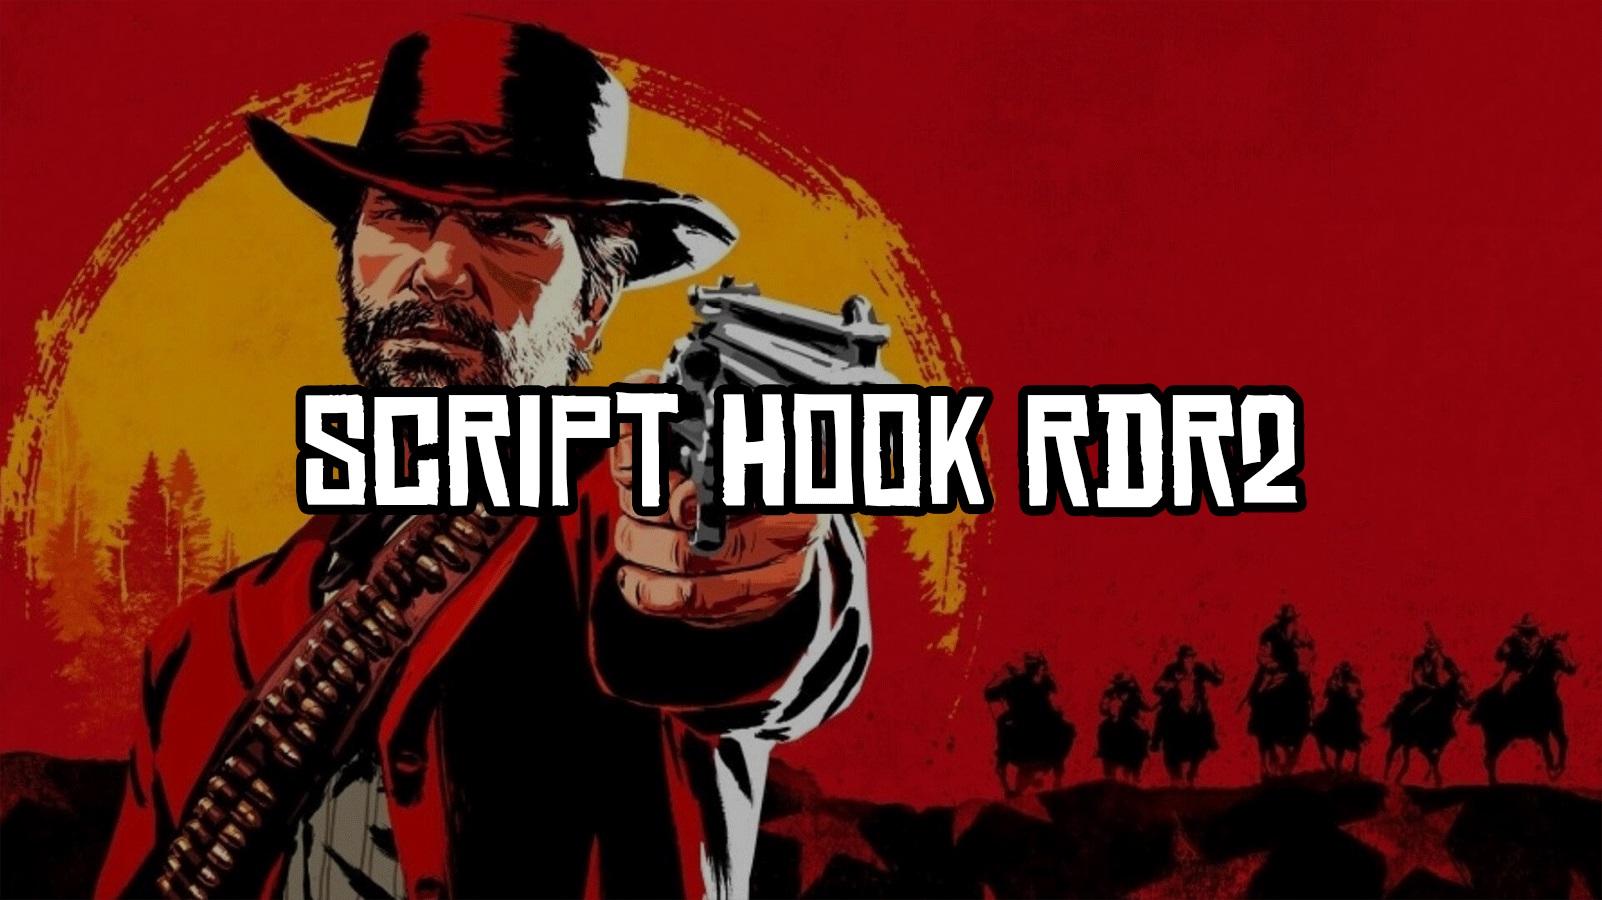 Скрипт Хук для RDR 2 (Script Hook RDR2)